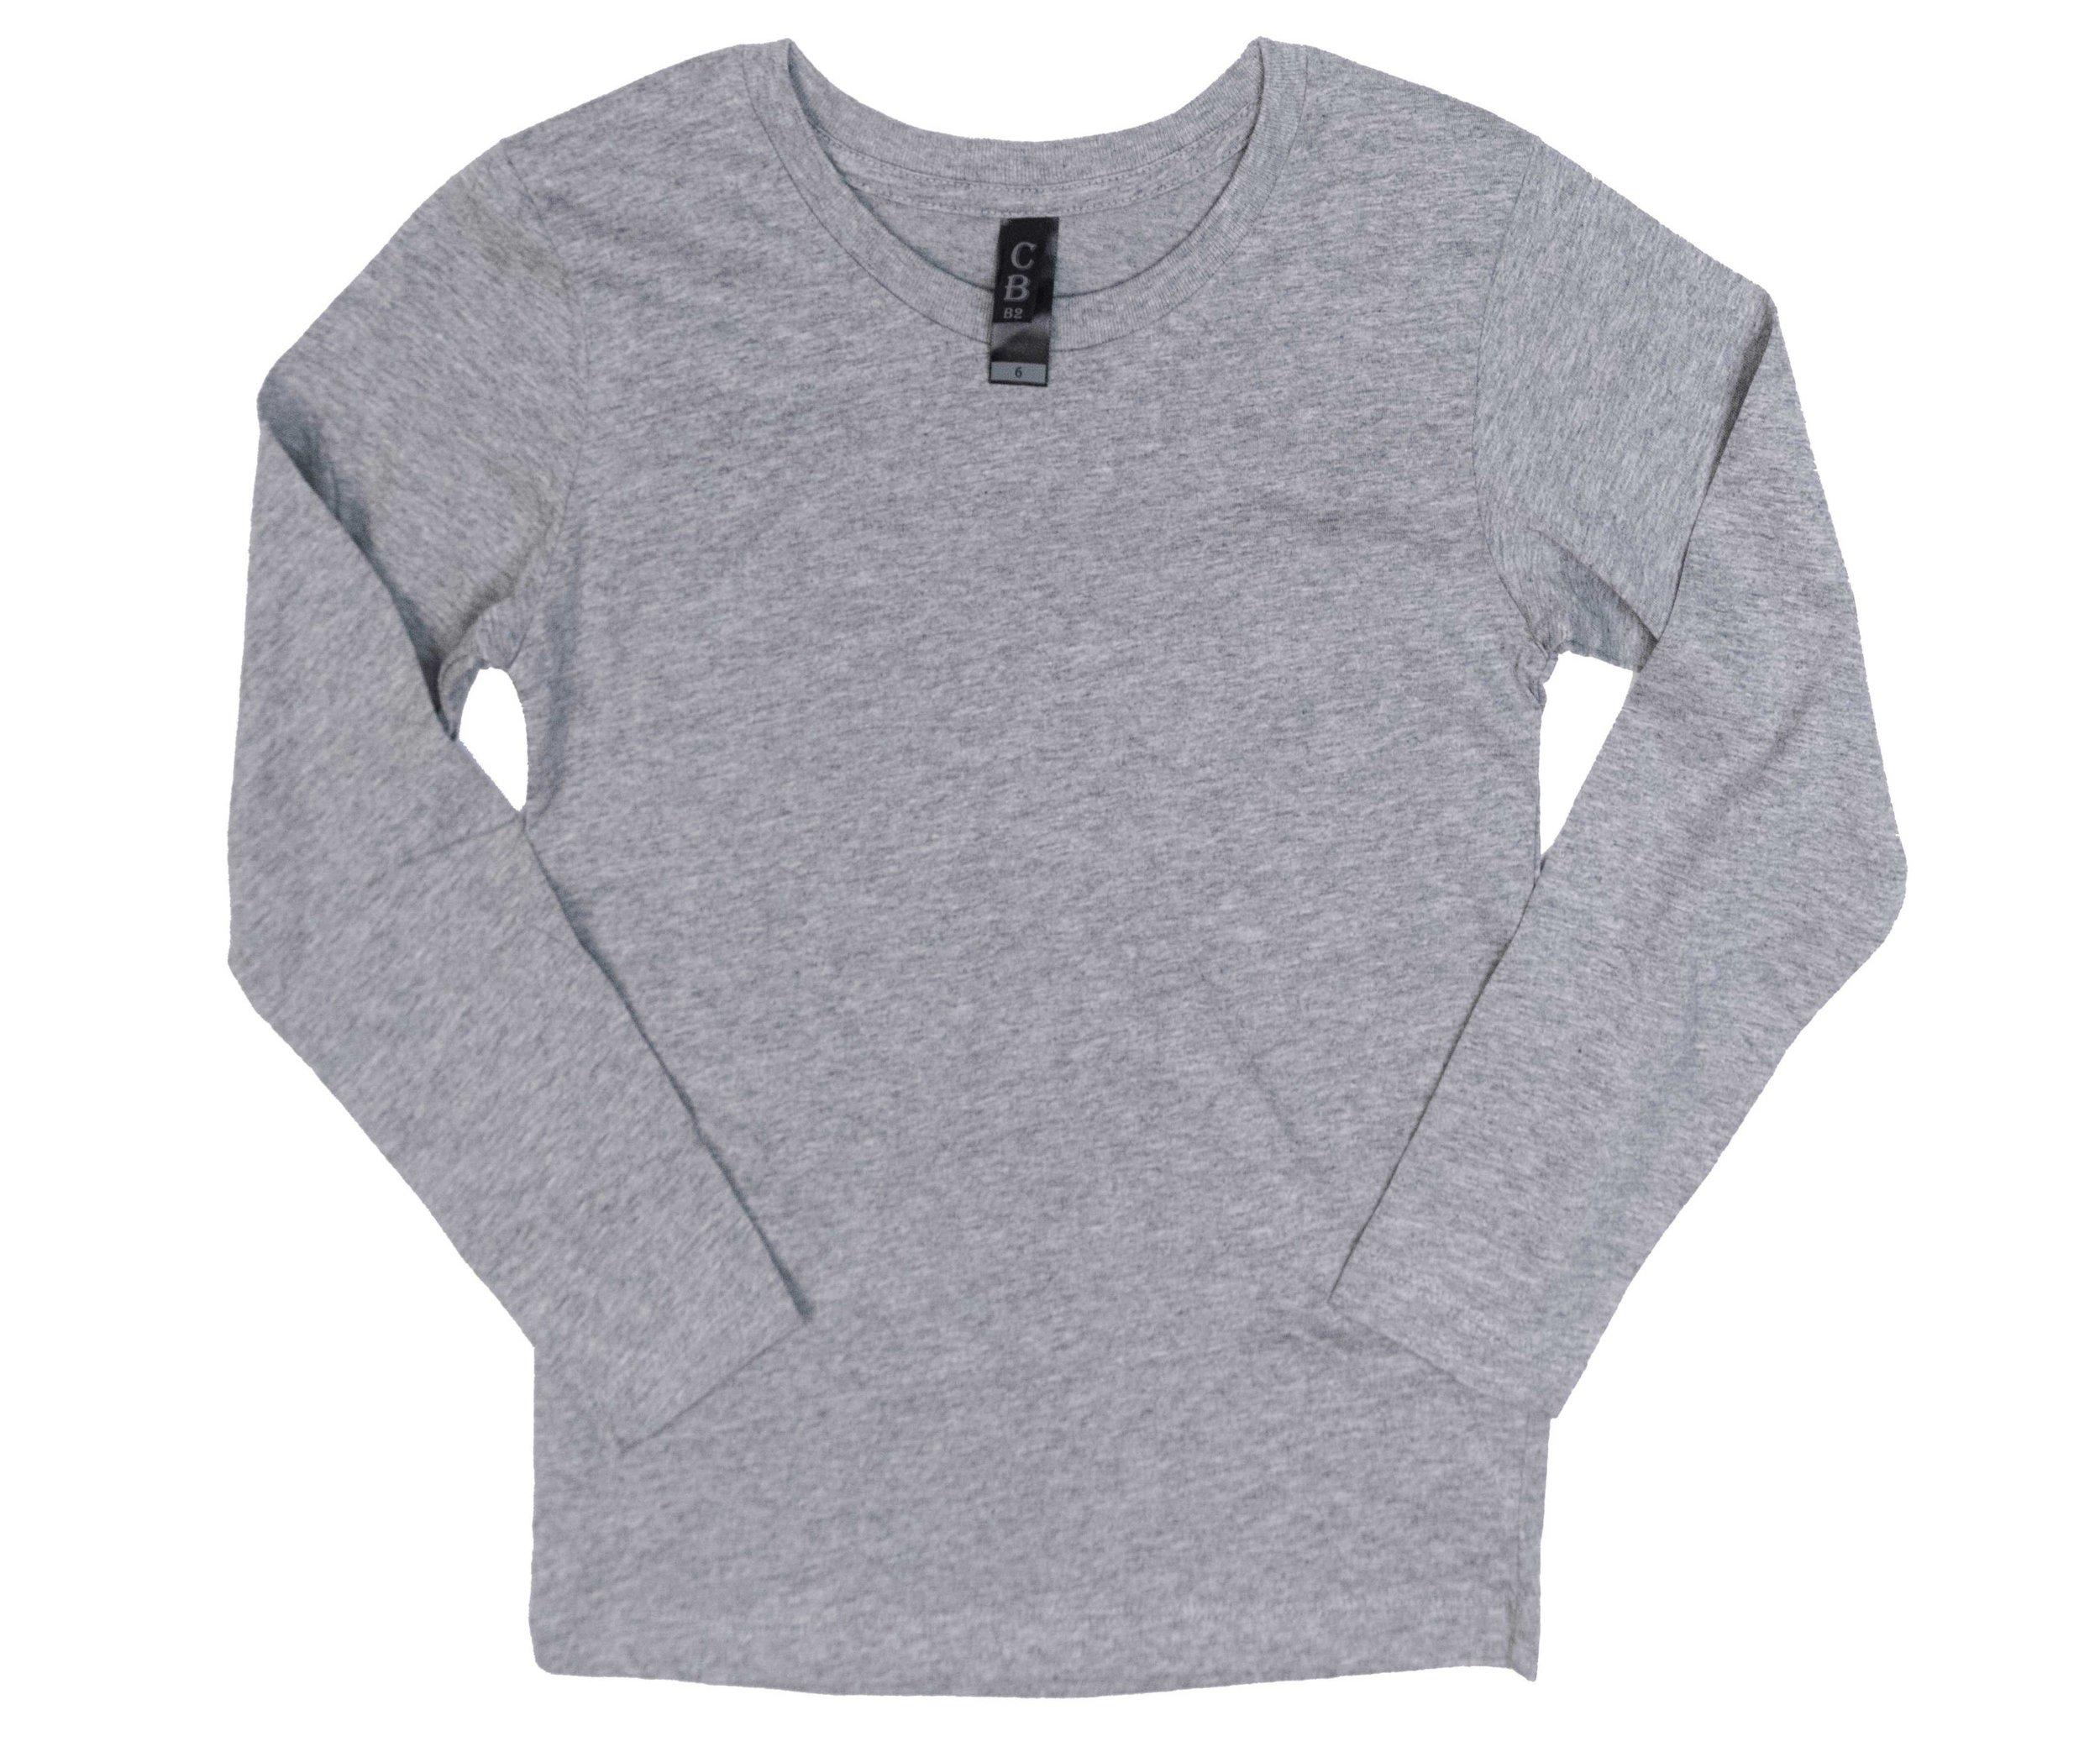 B2 - Children's Long Sleeve T-shirt